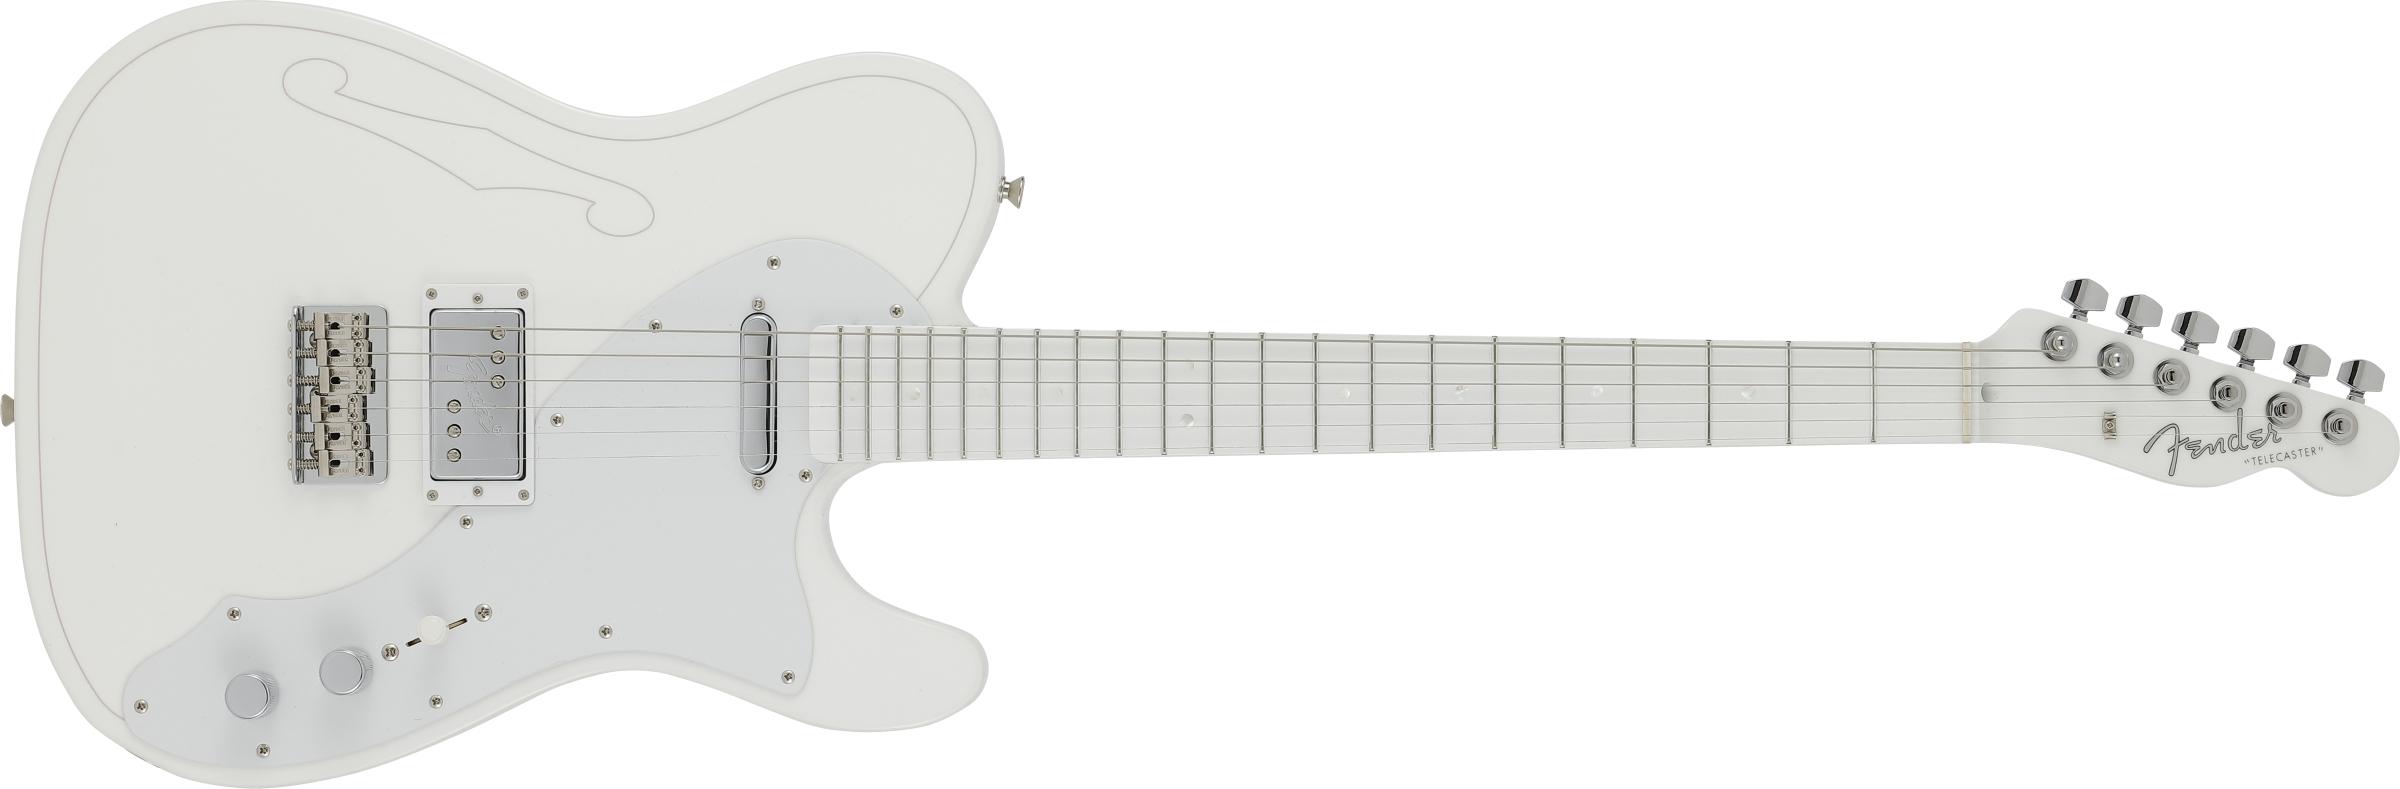 The Japan-only Fender Silent Siren Telecaster